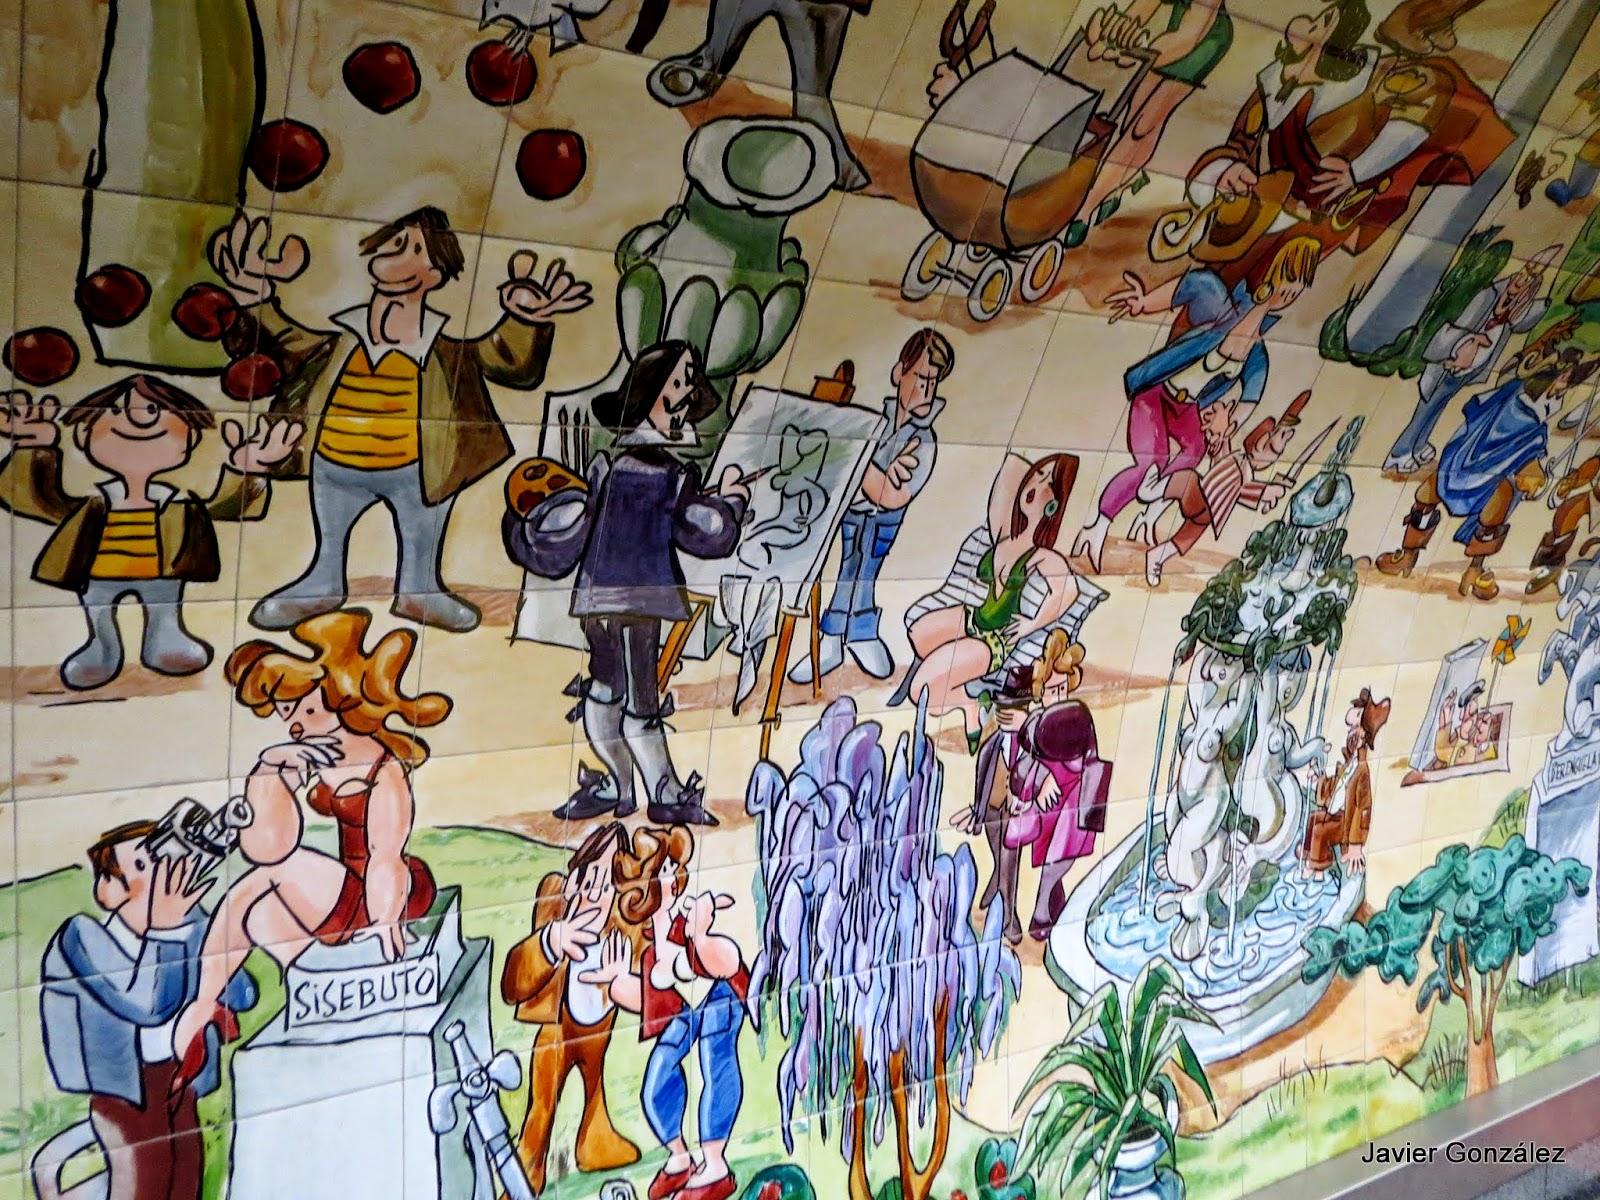 Expometro estación de metro de Retiro. Mingote. Azulejos pintados